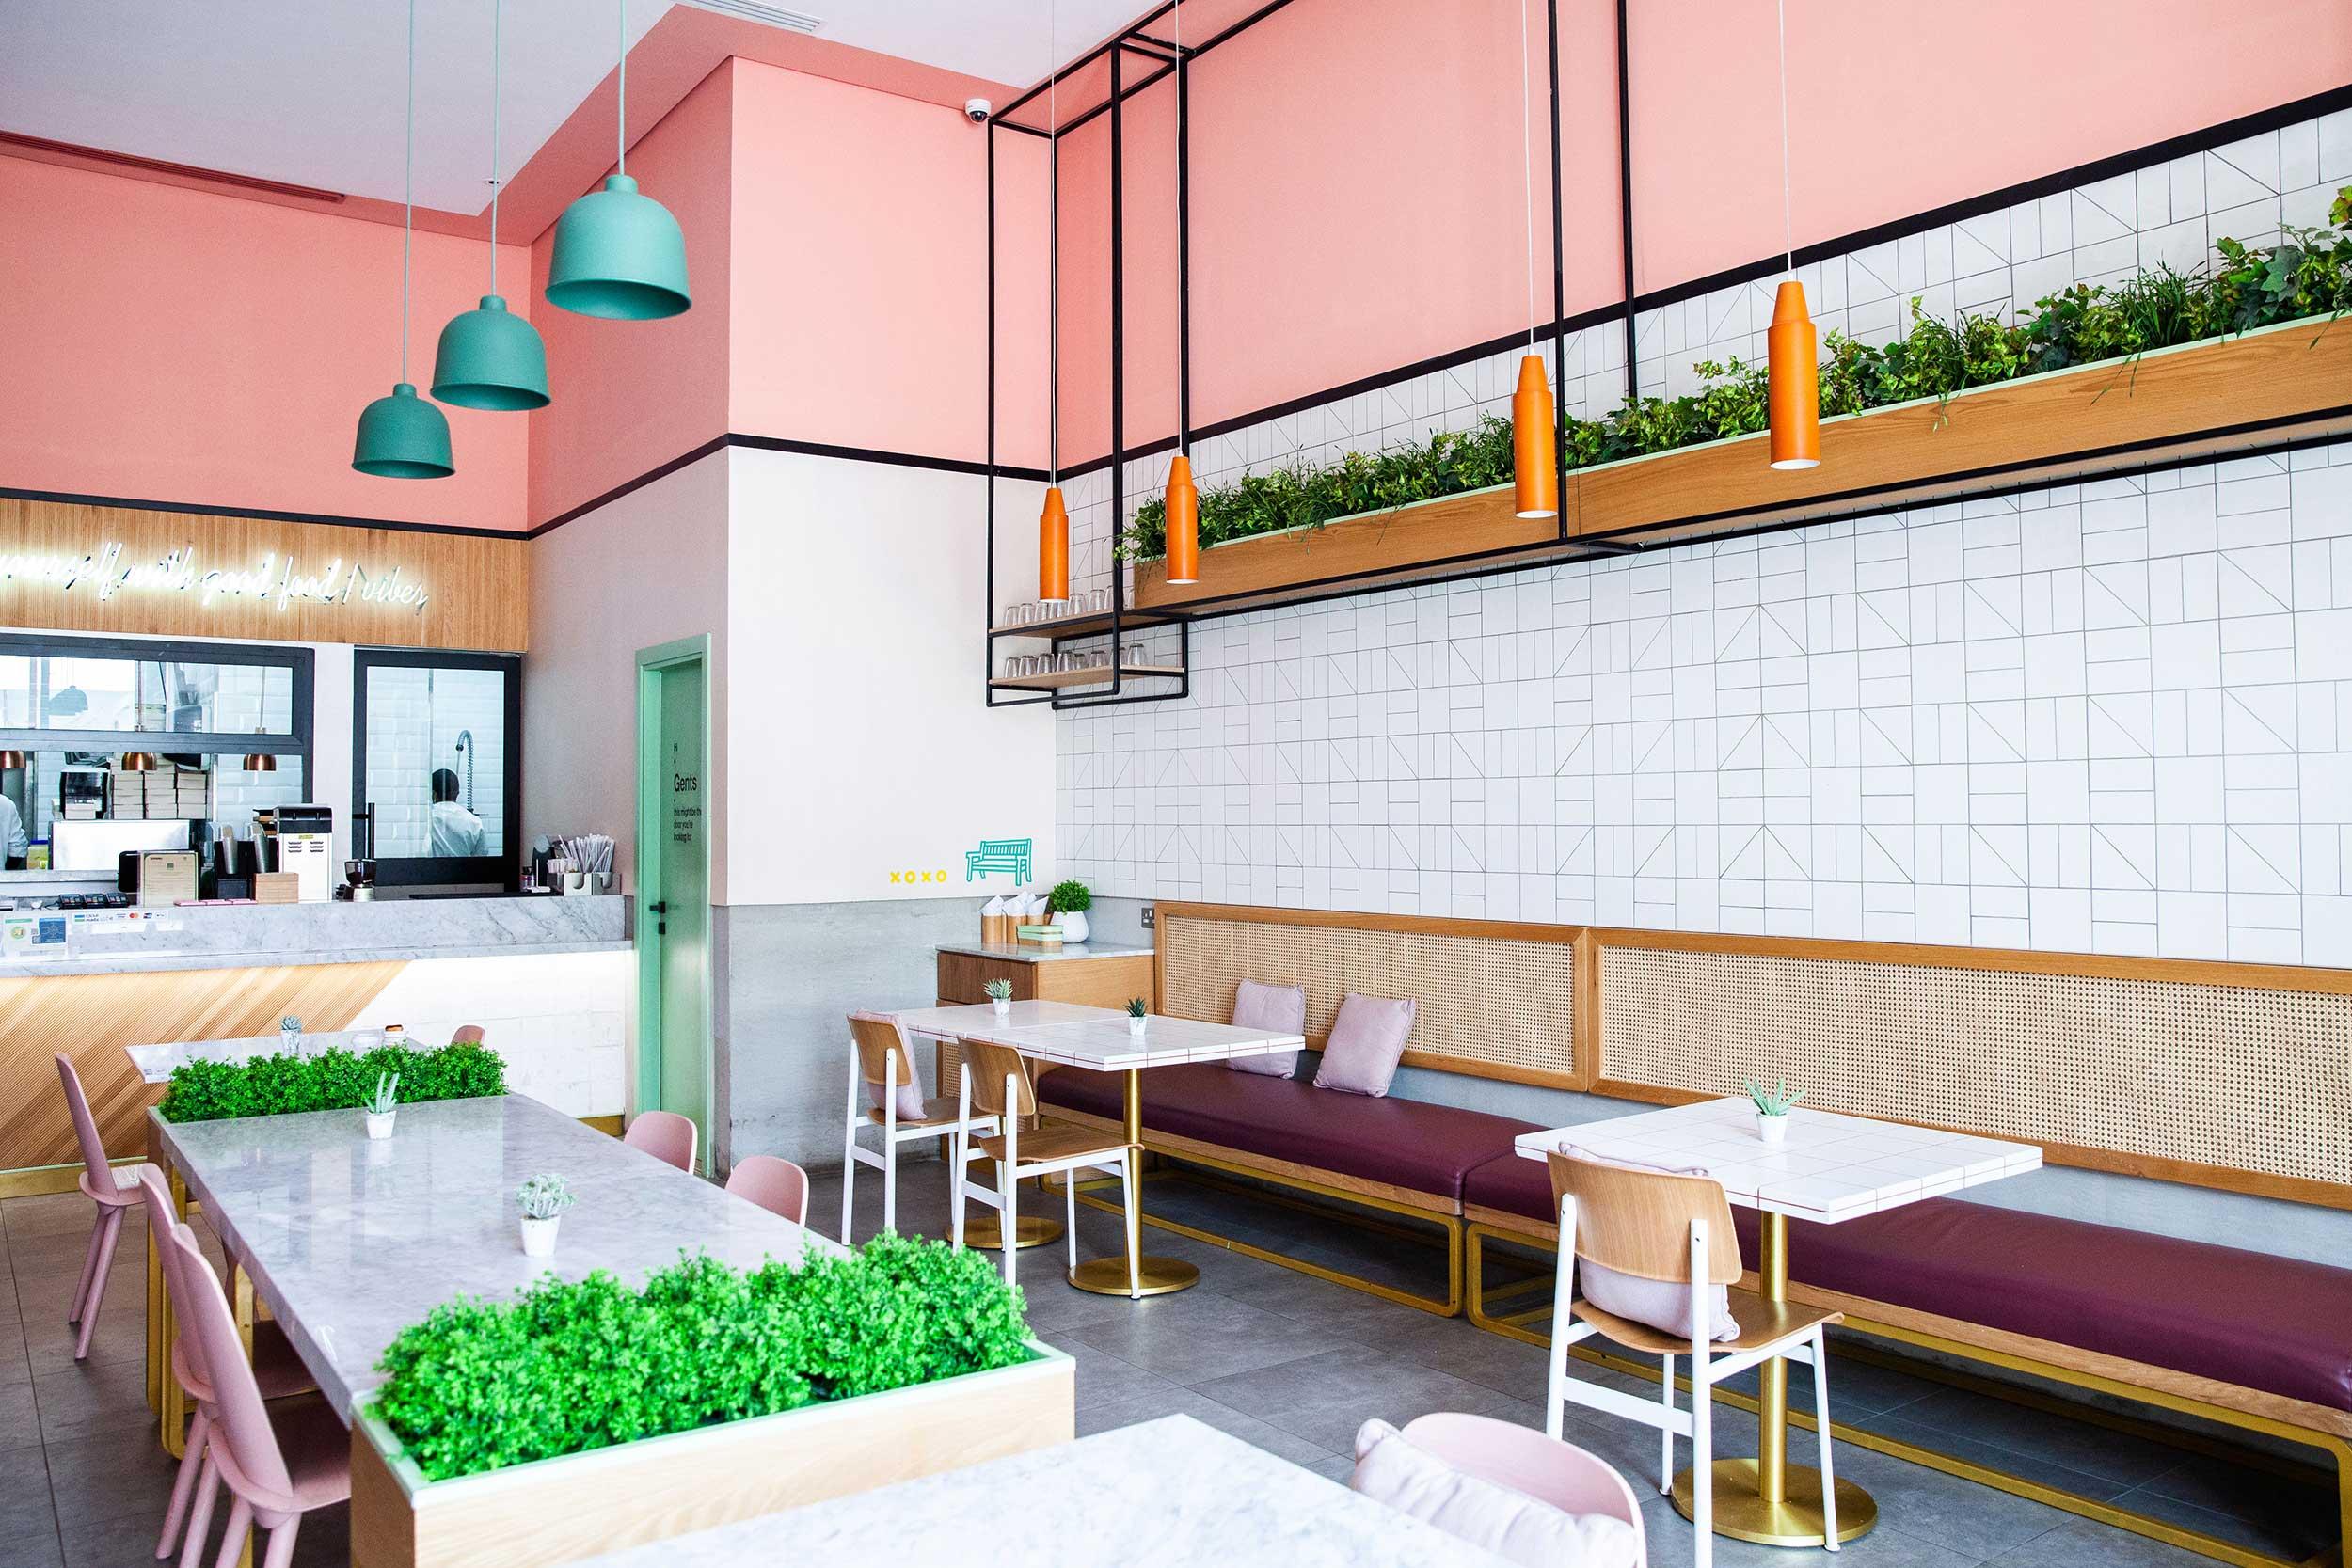 Surround-Luxury Interior Design UAE